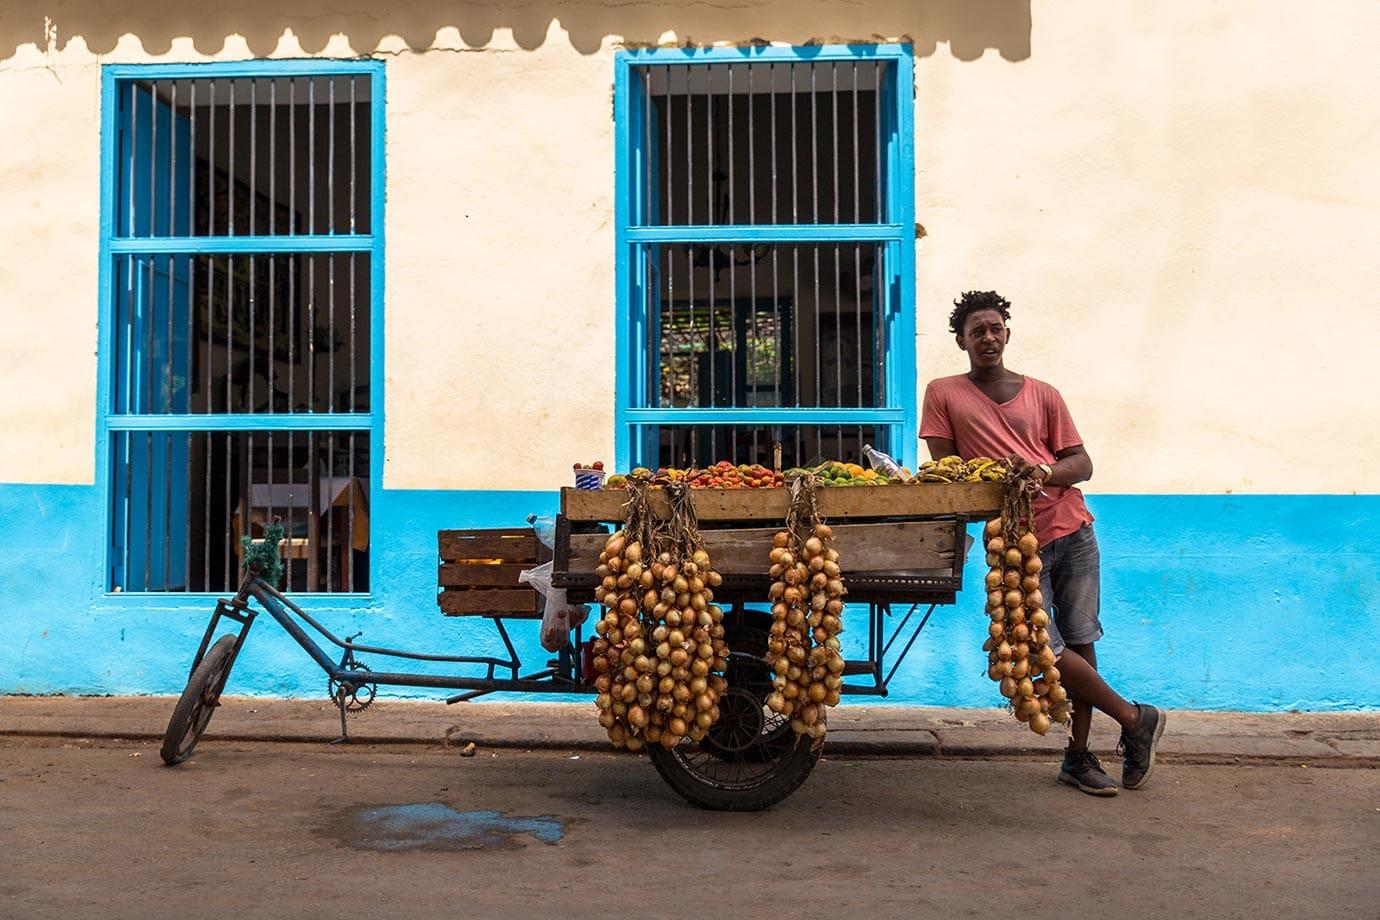 street seller in cuba